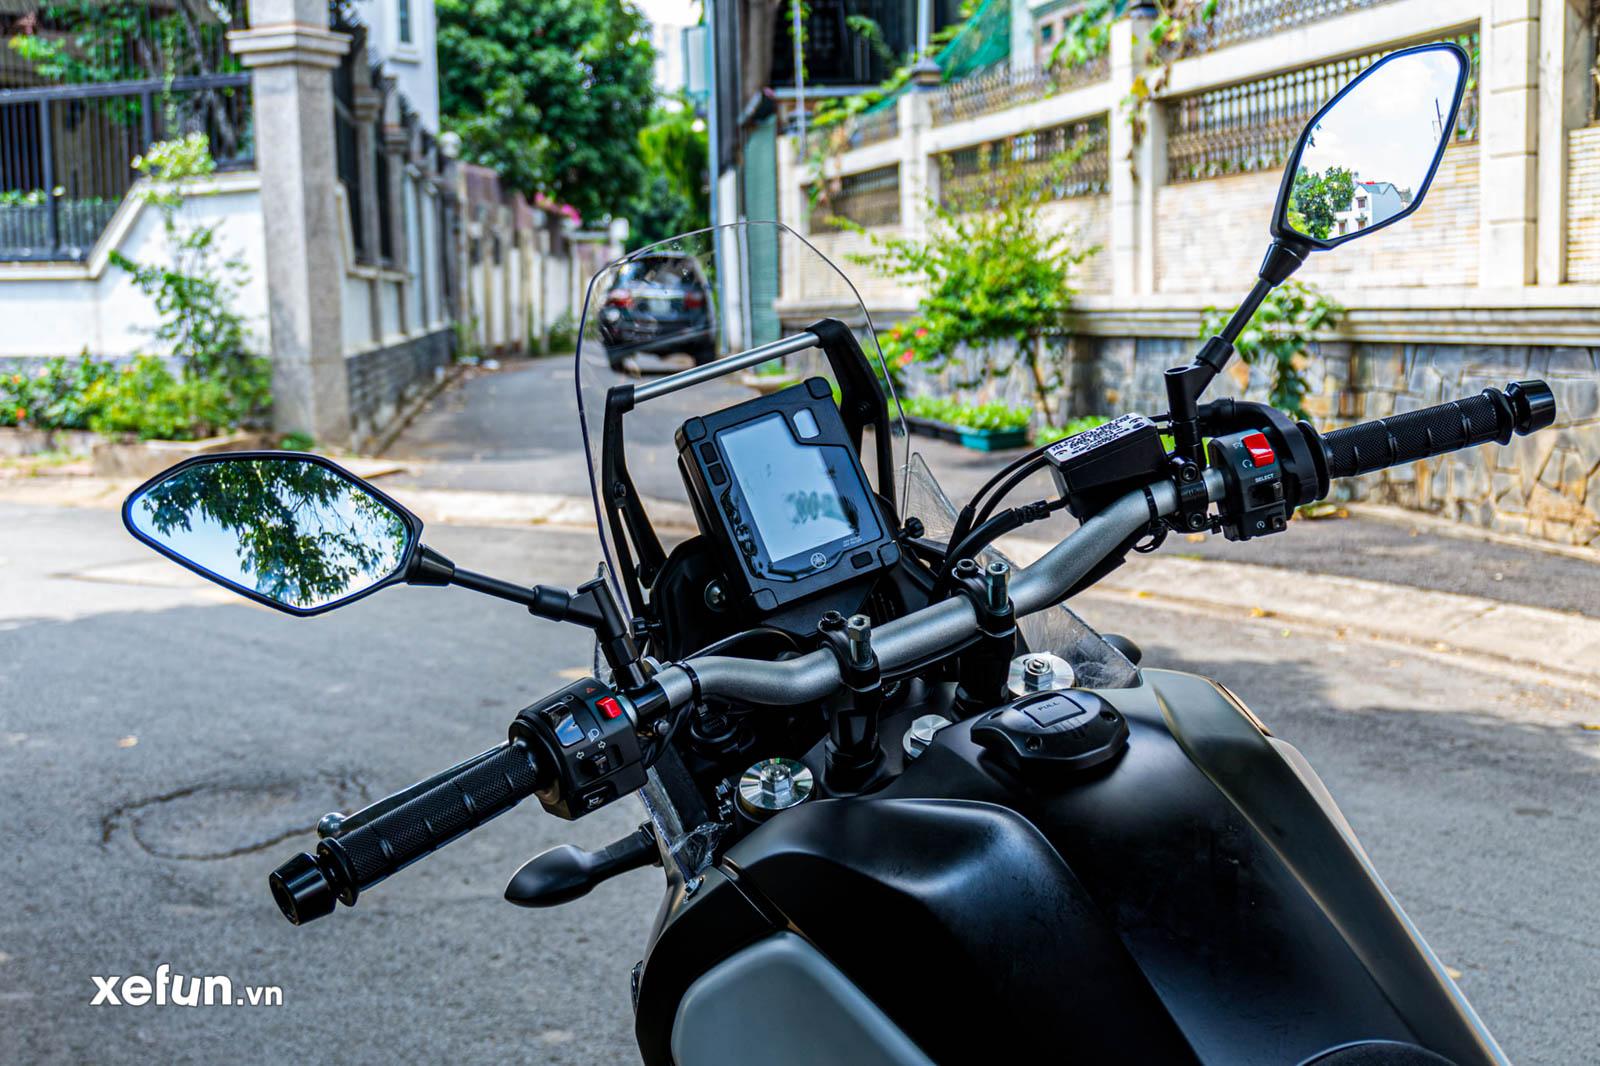 Giá bán Yamaha Tenere 700 2021 kèm thông số Việt Nam trên Xefun - 34t45